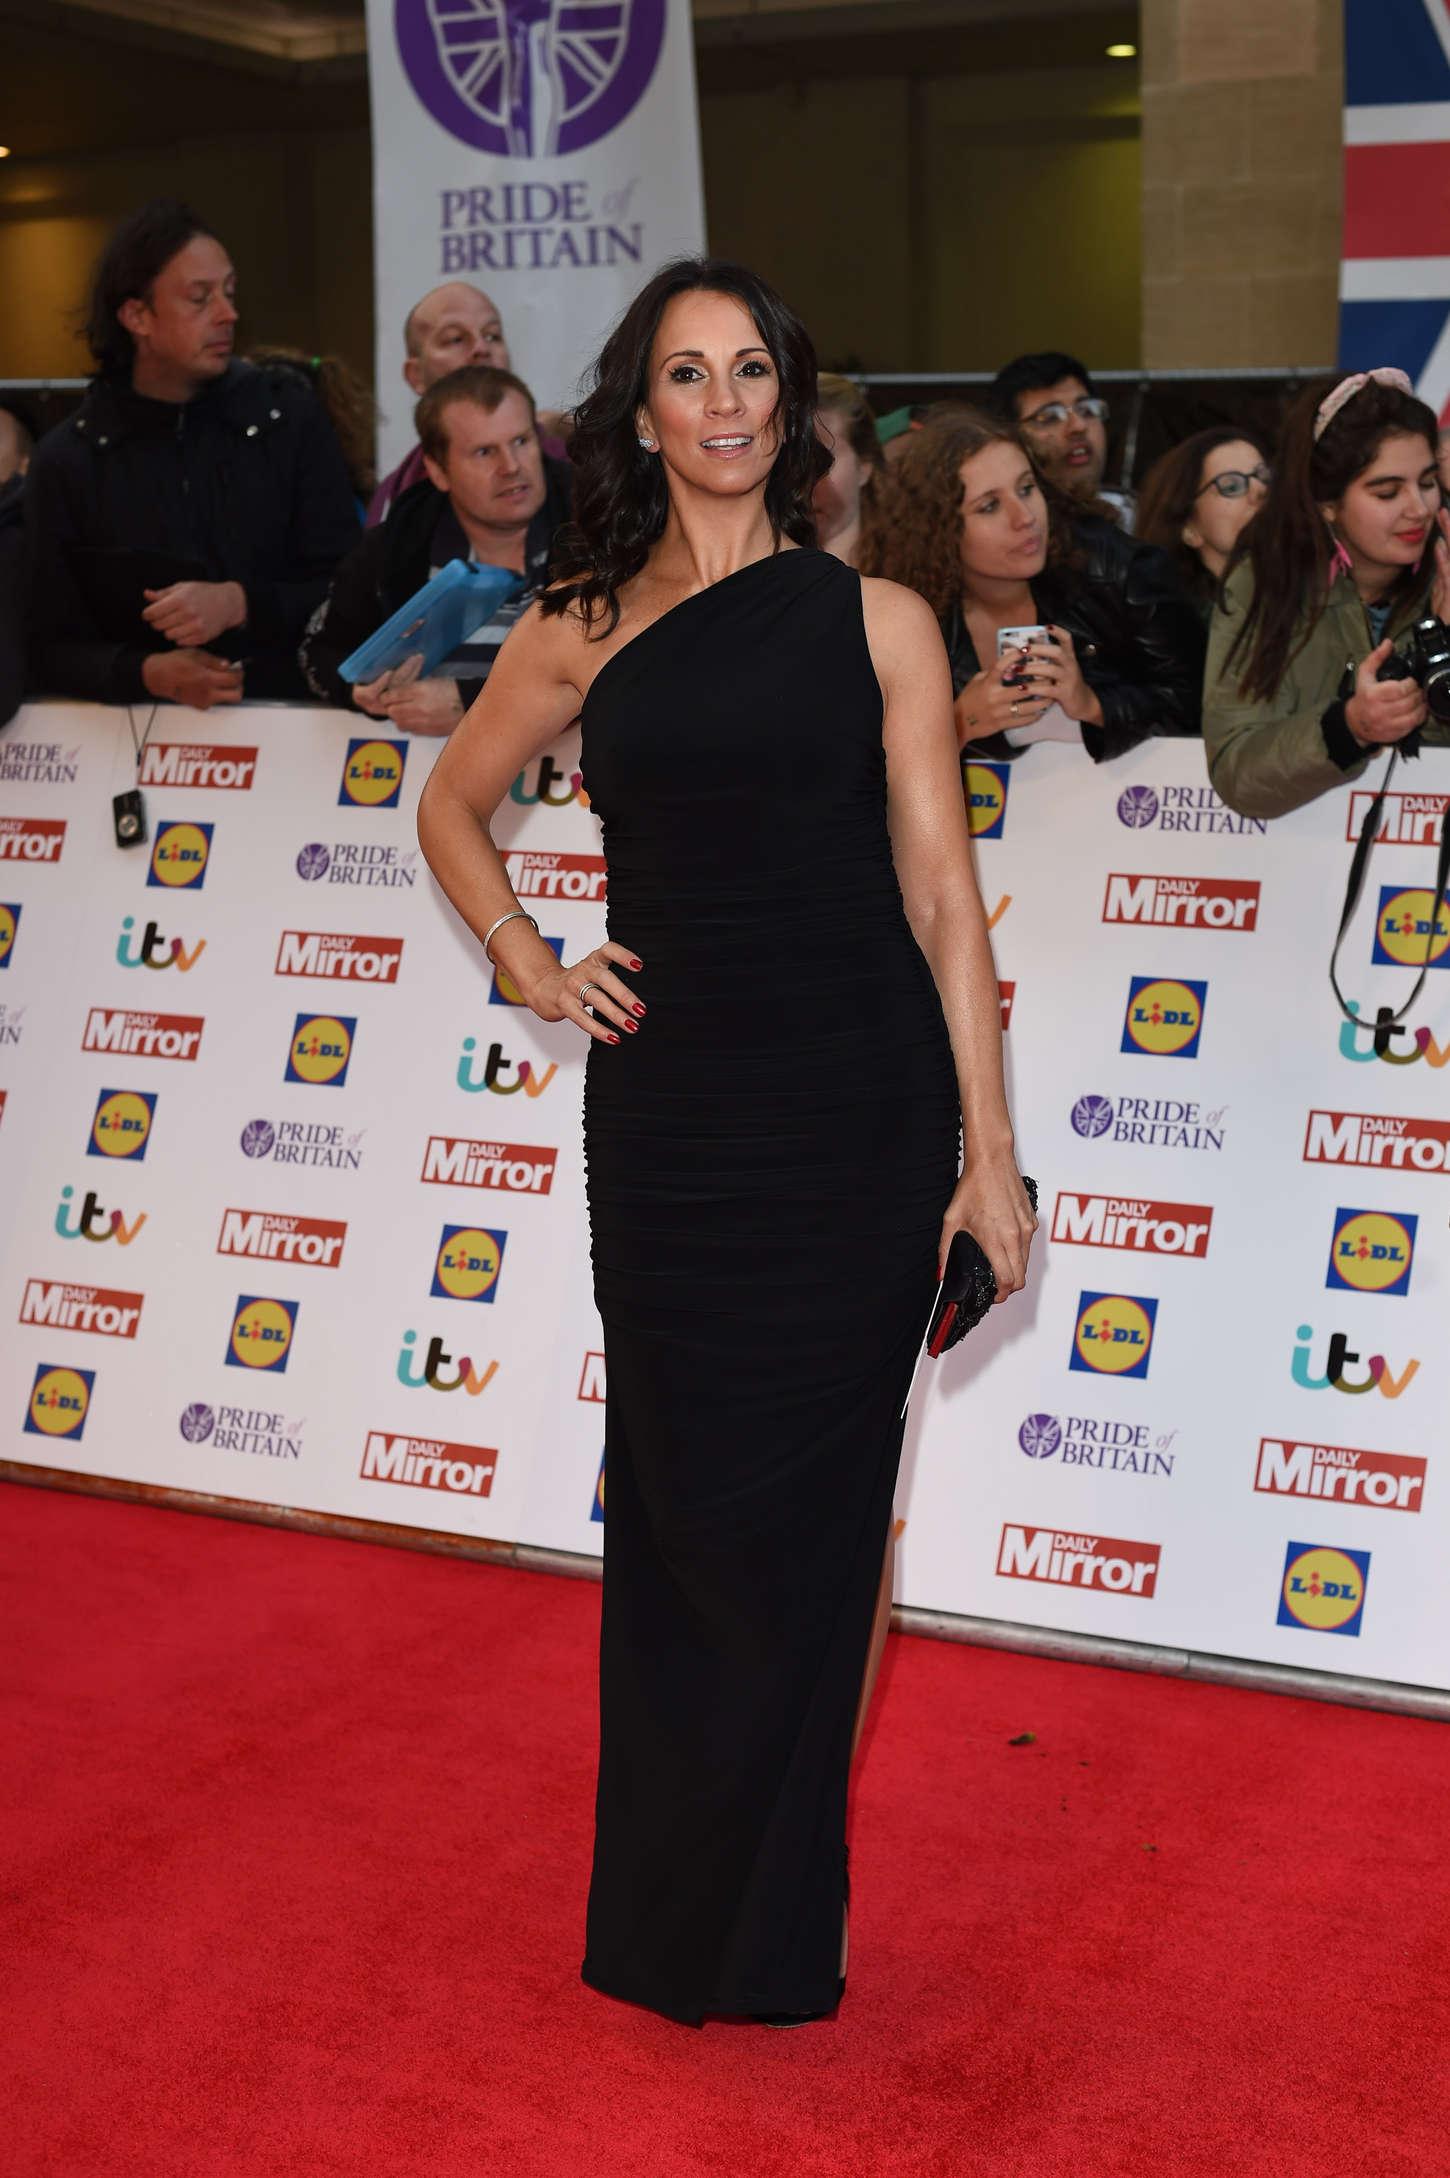 Andrea McLean Pride of Britain Awards in London